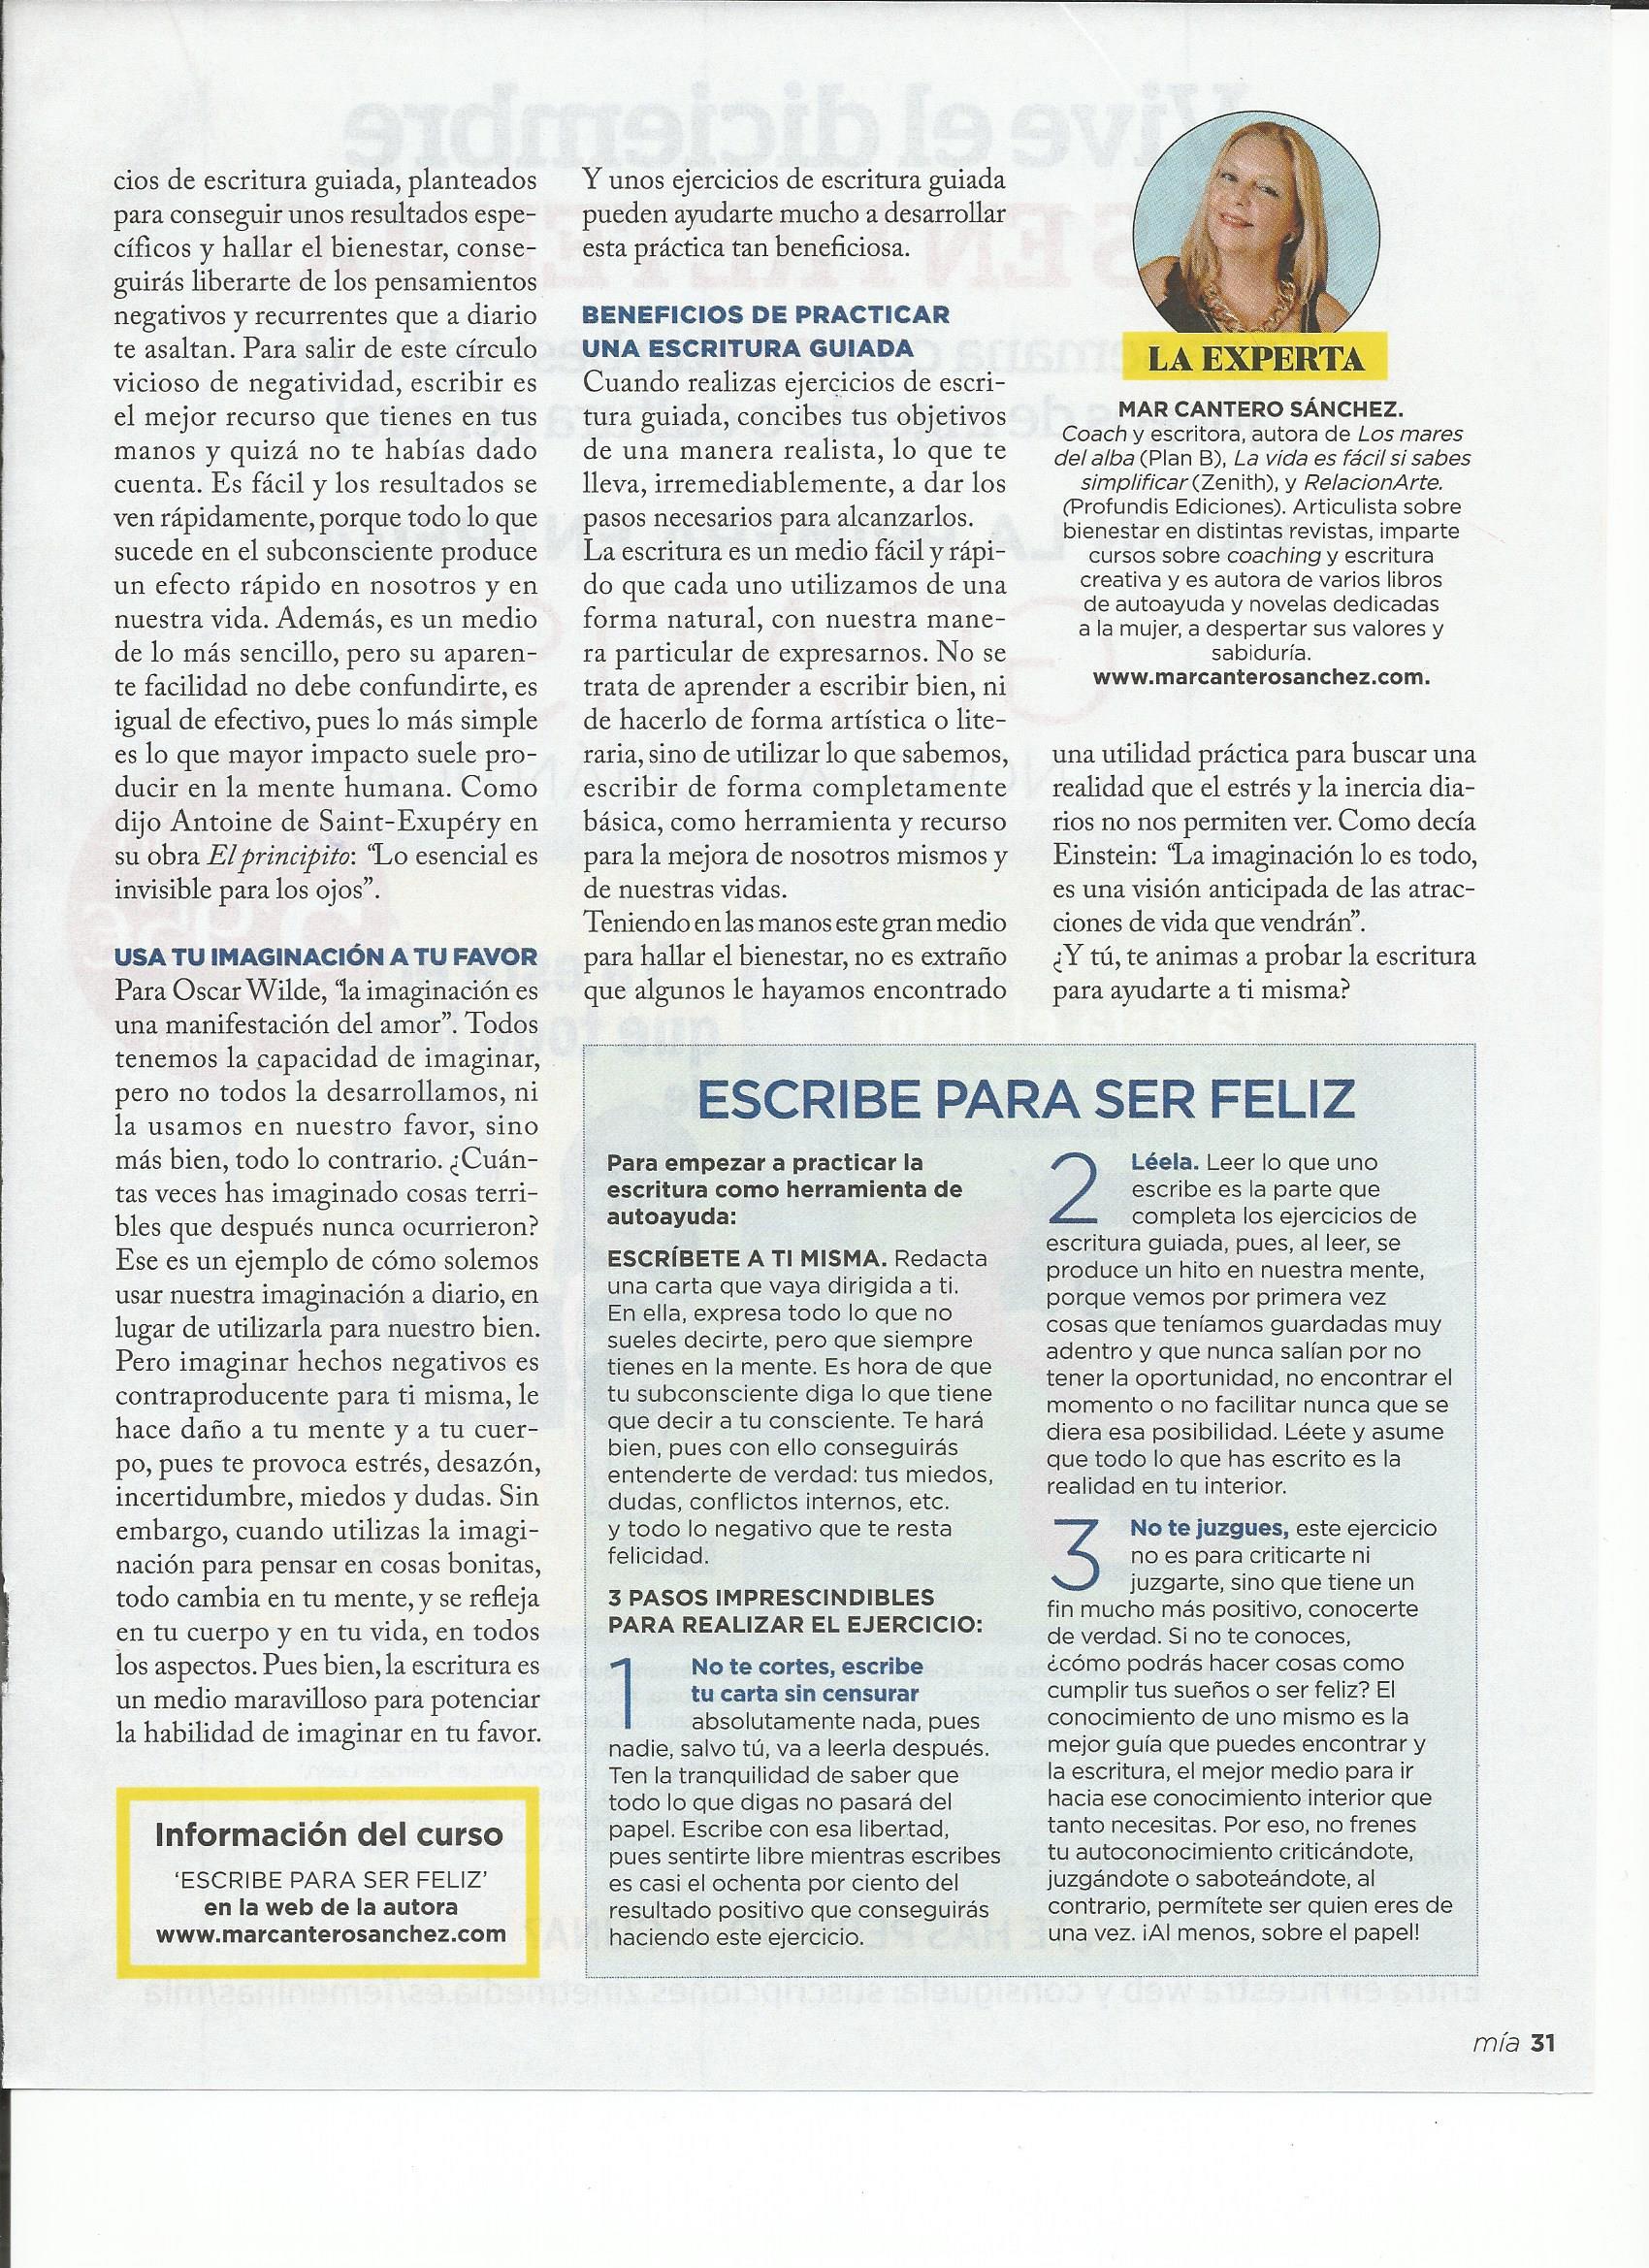 HALLAR EL BIENESTAR A TRAVÉS DE LA ESCRITURA, pag 2, INTEGRAL 5-2007, Mar Cantero Sánchez